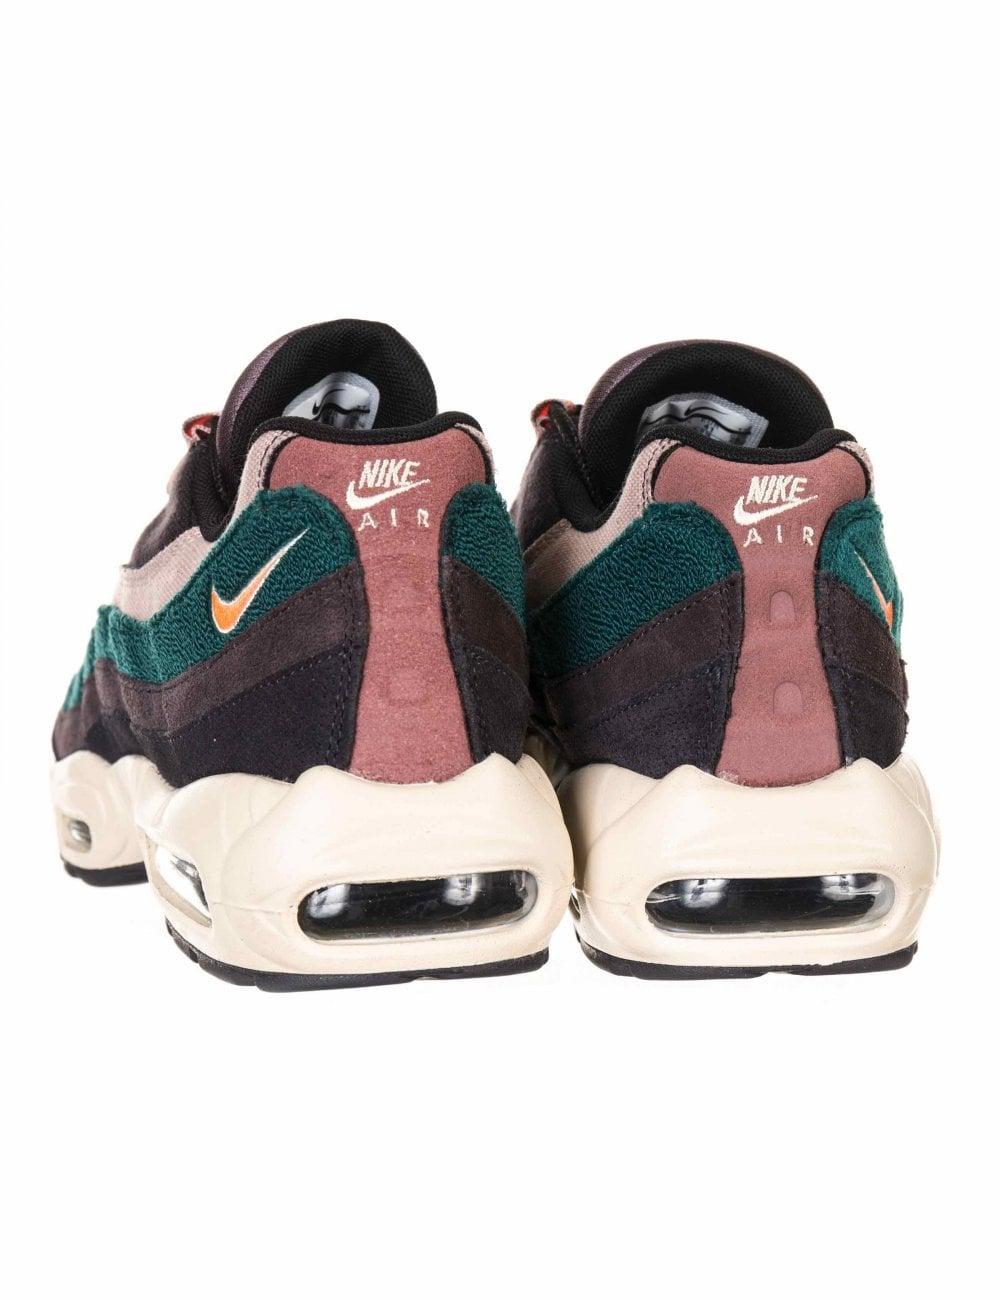 Nike Air Max 95 Premium Trainers - Oil Grey Bright Mango - Footwear ... 3f6dd9af8